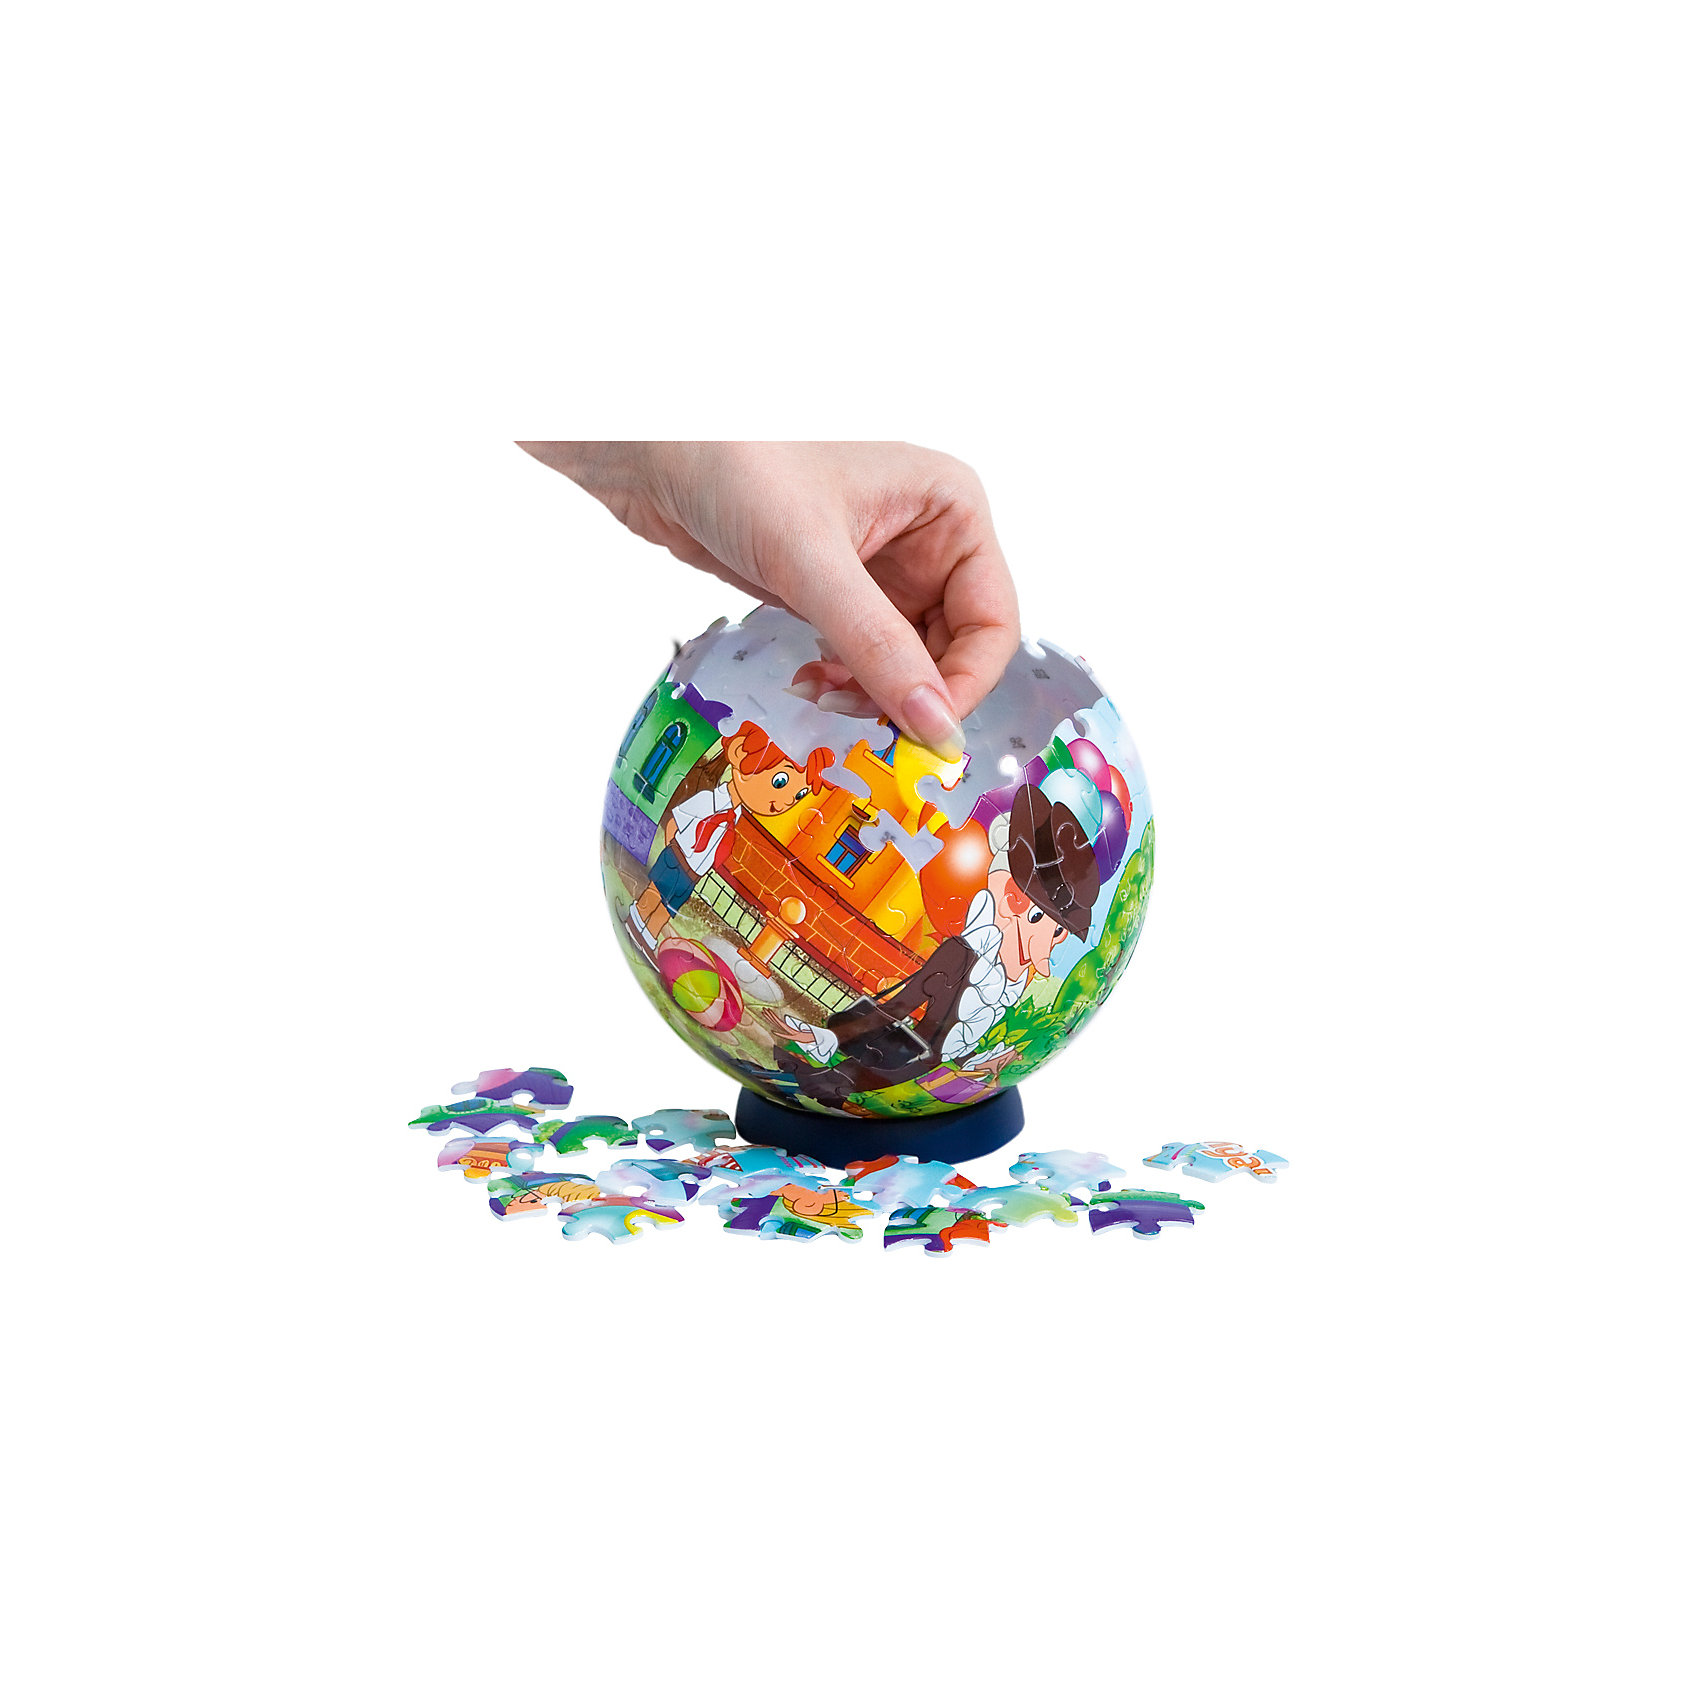 Пазл-шар Чебурашка, 108 деталейПазлы-шары<br>Характеристики товара:<br><br>• возраст: от 6 лет;<br>• материал: пластик;<br>• в комплекте: 108 элементов, подставка;<br>• диаметр шара: 14 см;<br>• размер упаковки: 23х21,5х5 см;<br>• вес упаковки: 330 гр.;<br>• страна производитель: Россия.<br><br>Пазл-шар «Чебурашка» Step Puzzle — оригинальный пазл, элементы которого имеют изогнутую форму и собираются вместе, образуя шар. Собрав его, получается объемная фигура с изображениями персонажей мультфильма.<br><br>В процессе сборки пазла развиваются мелкая моторика рук, усидчивость, внимательность, логическое мышление. Все детали выполнены из качественного прочного пластика и надежно скрепляются между собой.<br><br>Пазл-шар «Чебурашка» Step Puzzle можно приобрести в нашем интернет-магазине.<br><br>Ширина мм: 230<br>Глубина мм: 215<br>Высота мм: 50<br>Вес г: 330<br>Возраст от месяцев: 72<br>Возраст до месяцев: 2147483647<br>Пол: Унисекс<br>Возраст: Детский<br>Количество деталей: 108<br>SKU: 5346218